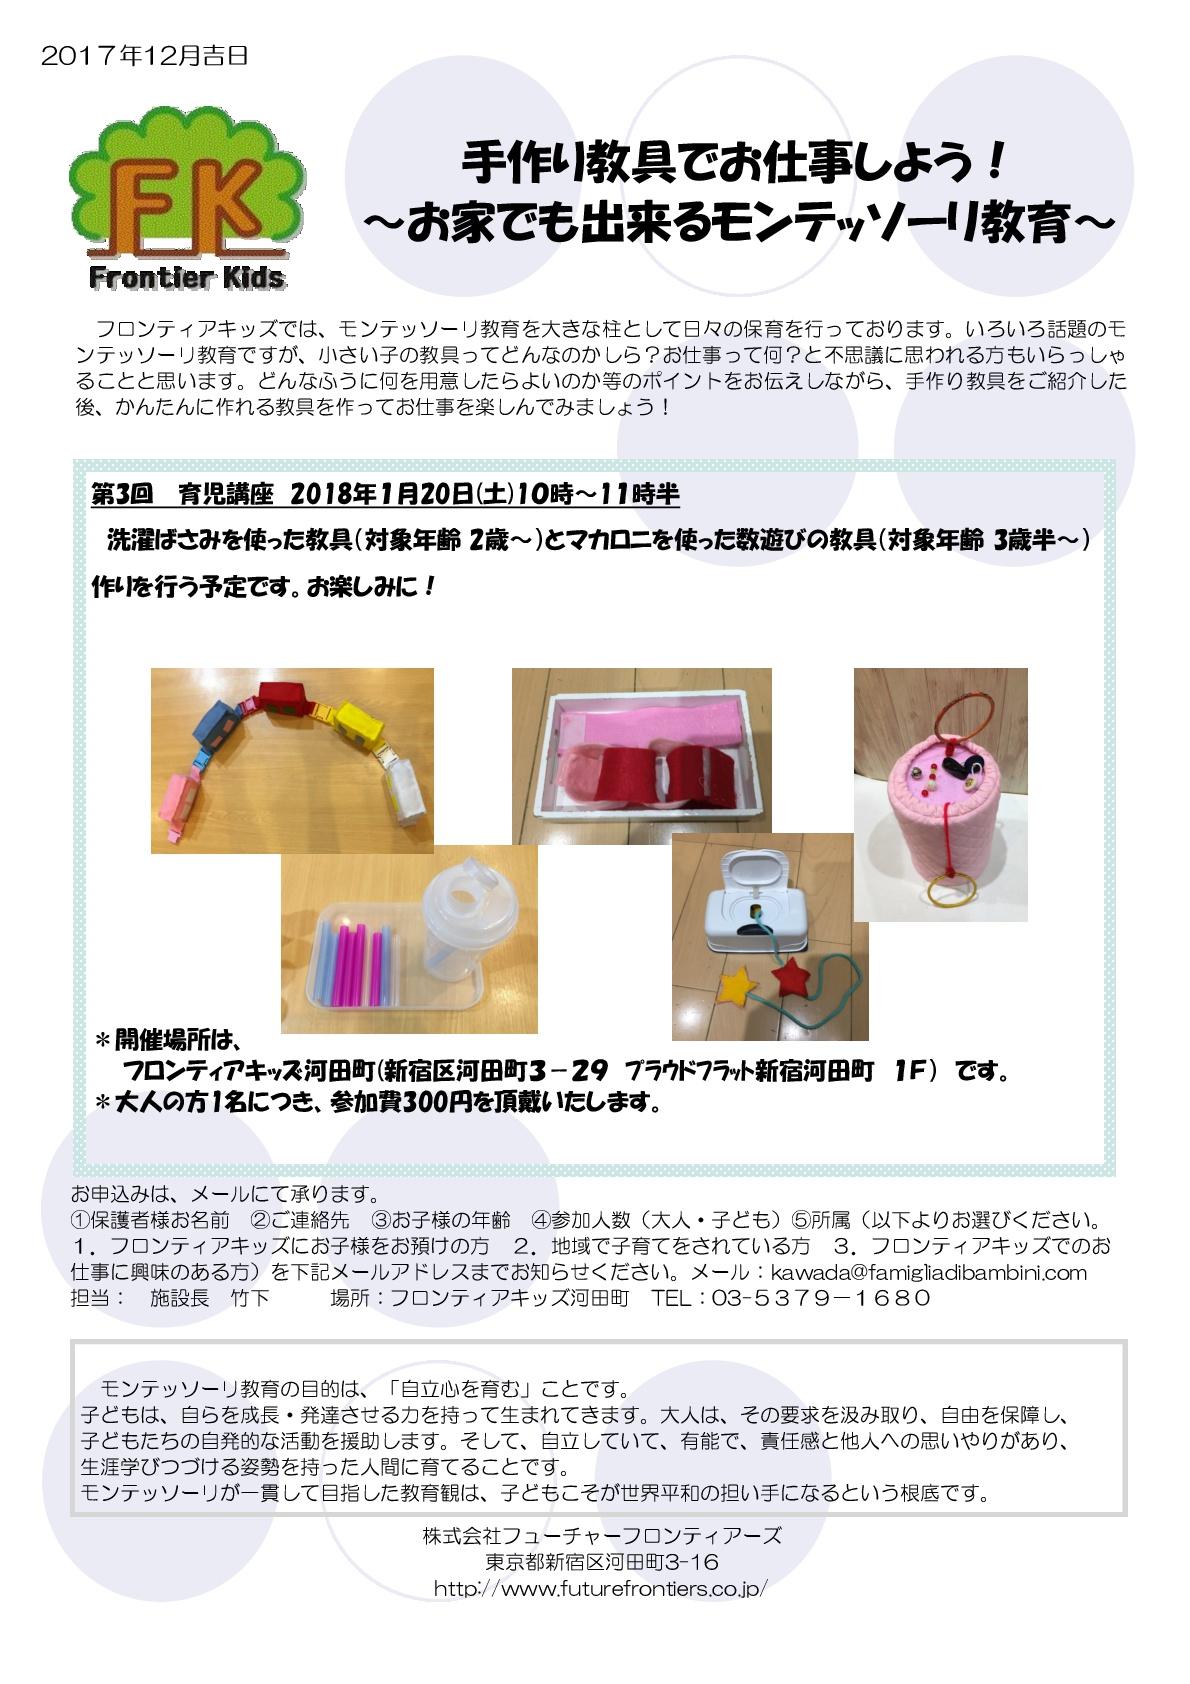 2018-01-FKD育児講座案内手作り教具をつくろう-001